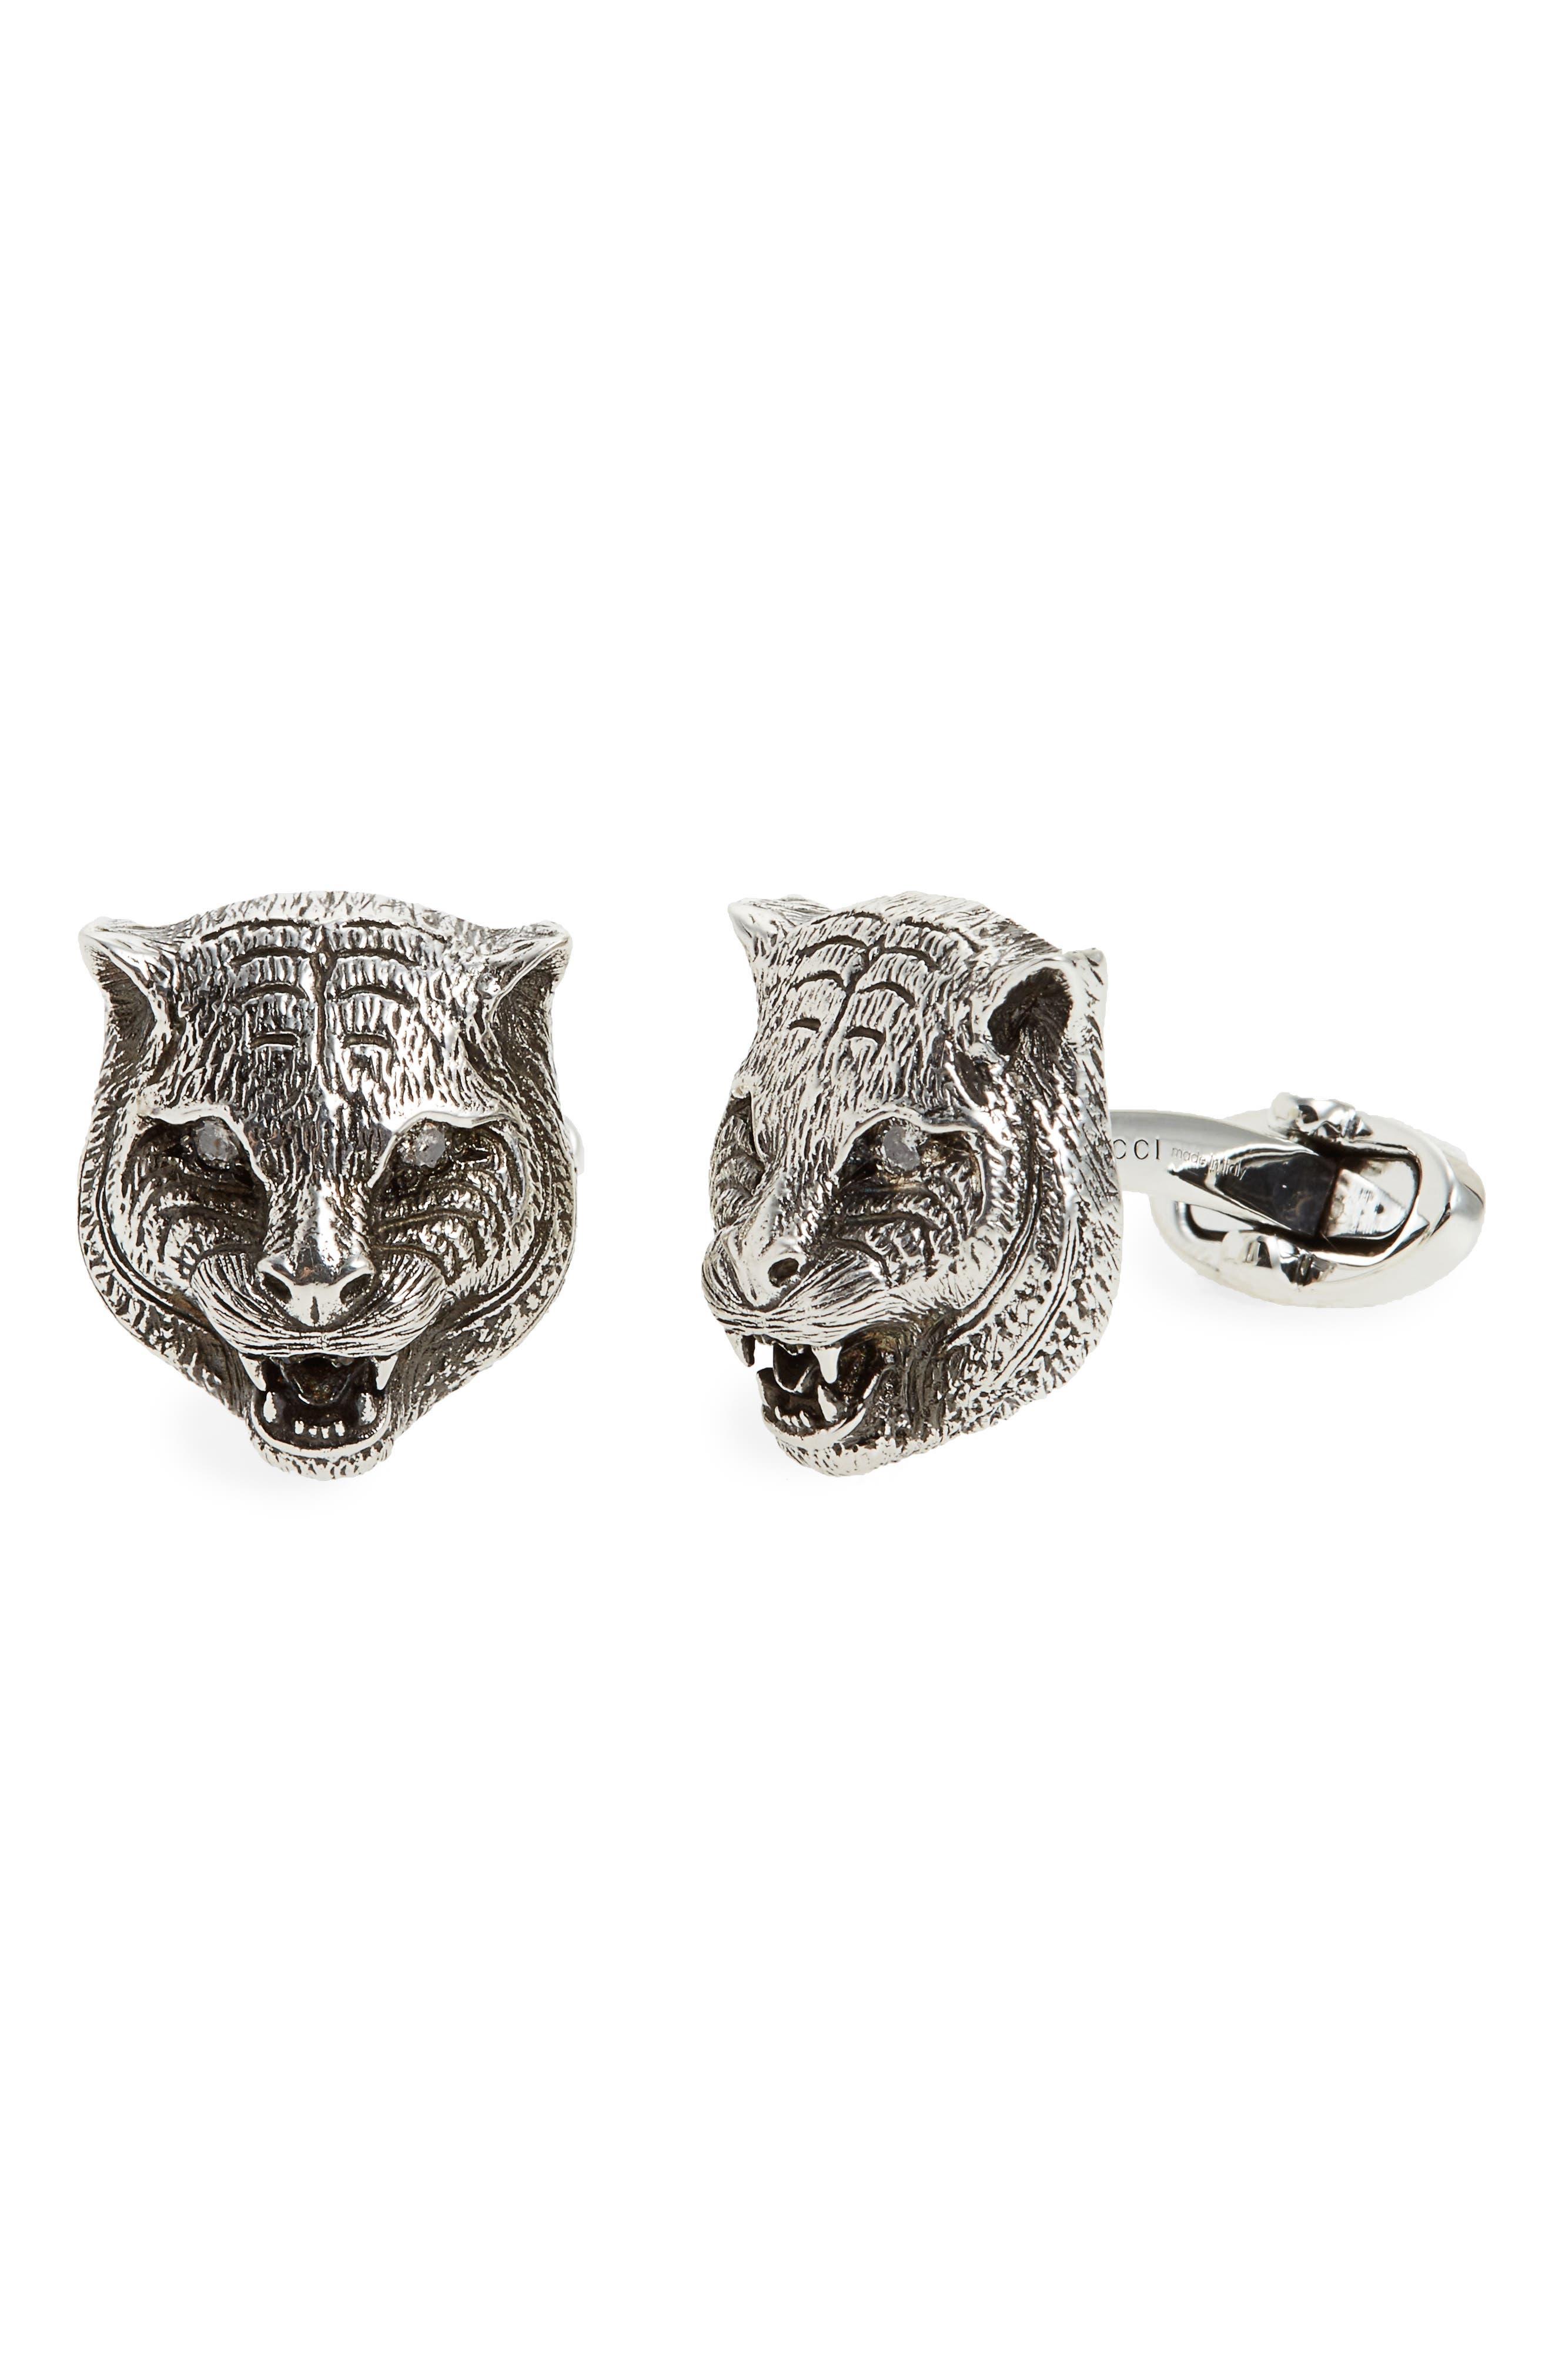 Gucci Garden Wolf Cuff Links